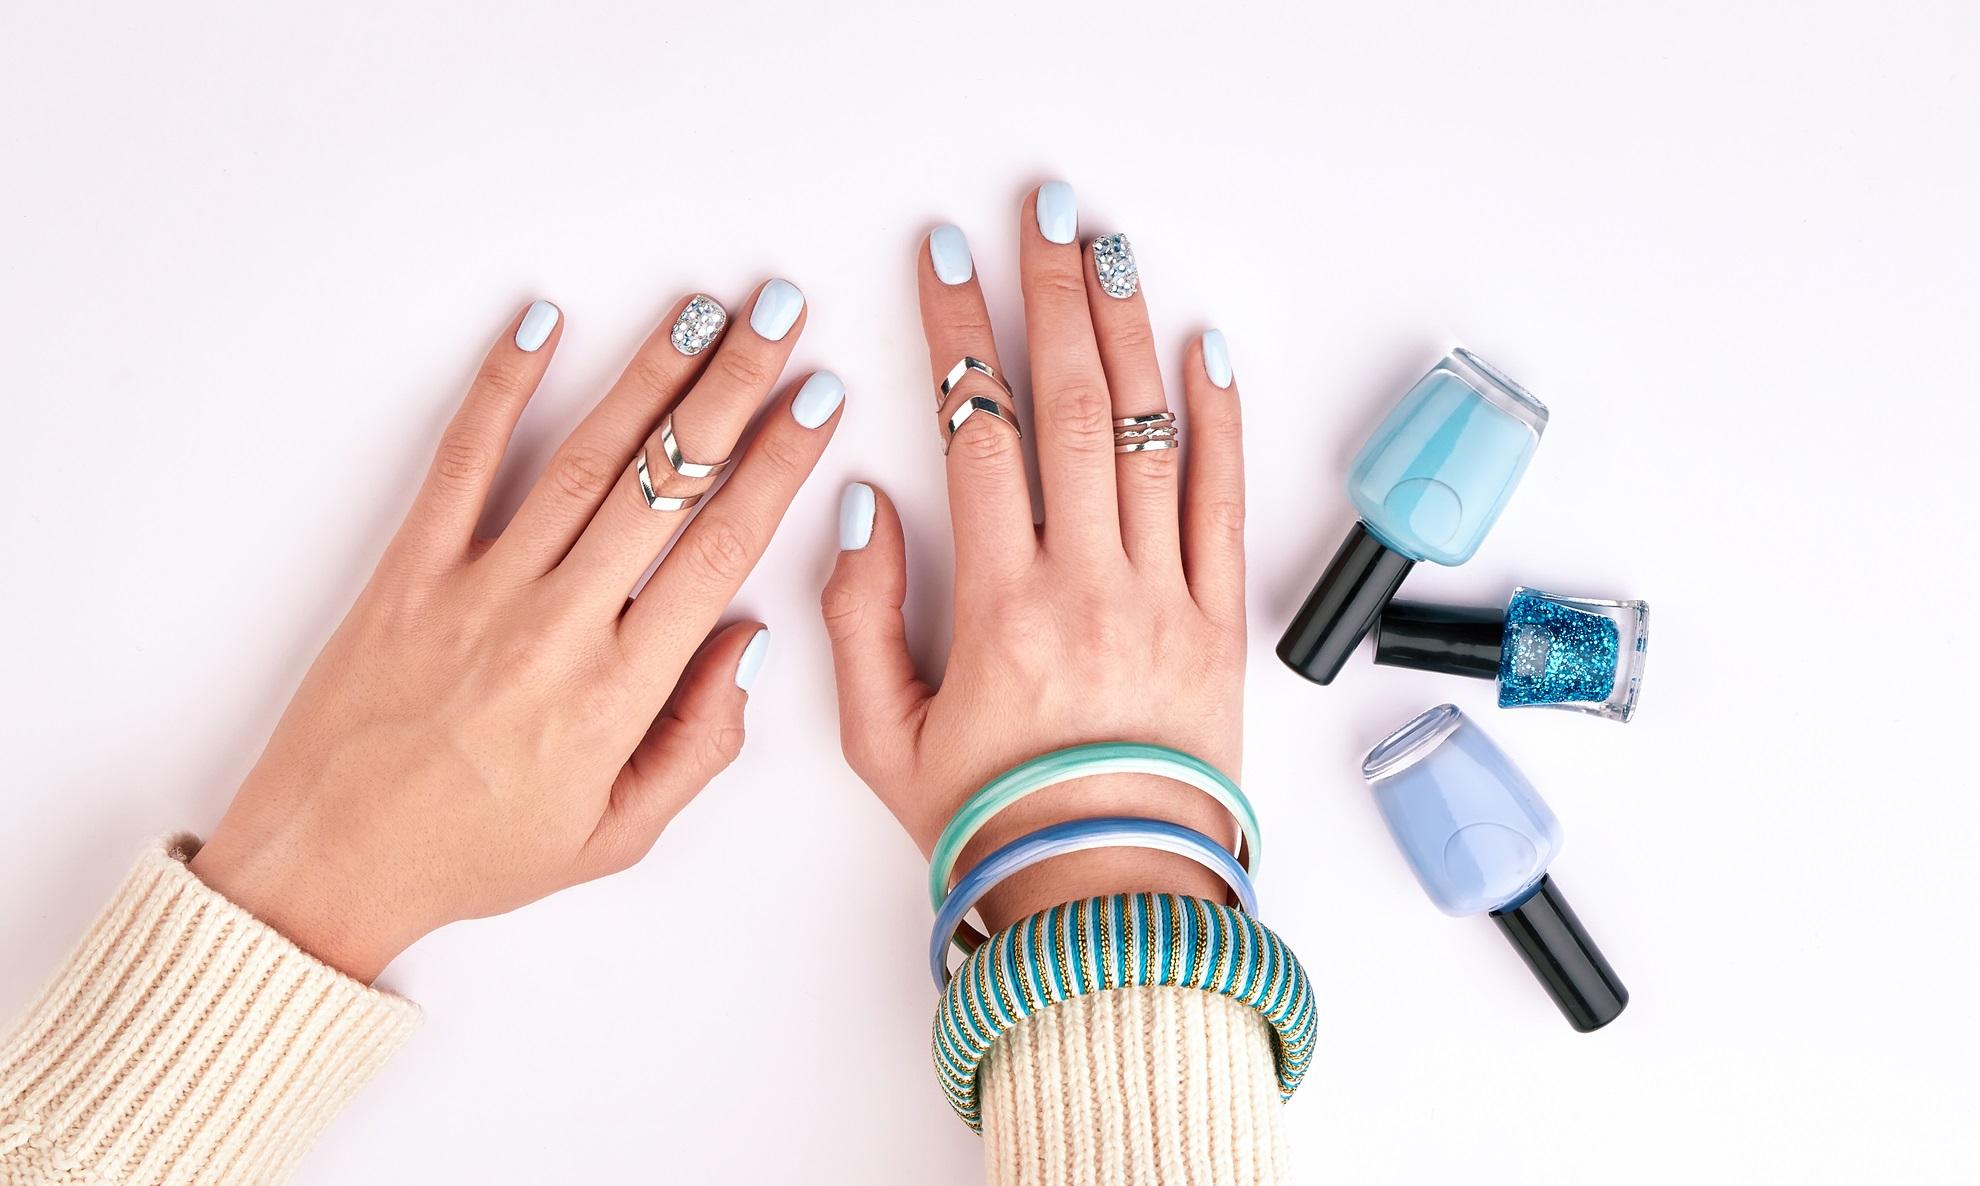 Nail Art Salon | Nails salon in Onalaska WI 54650